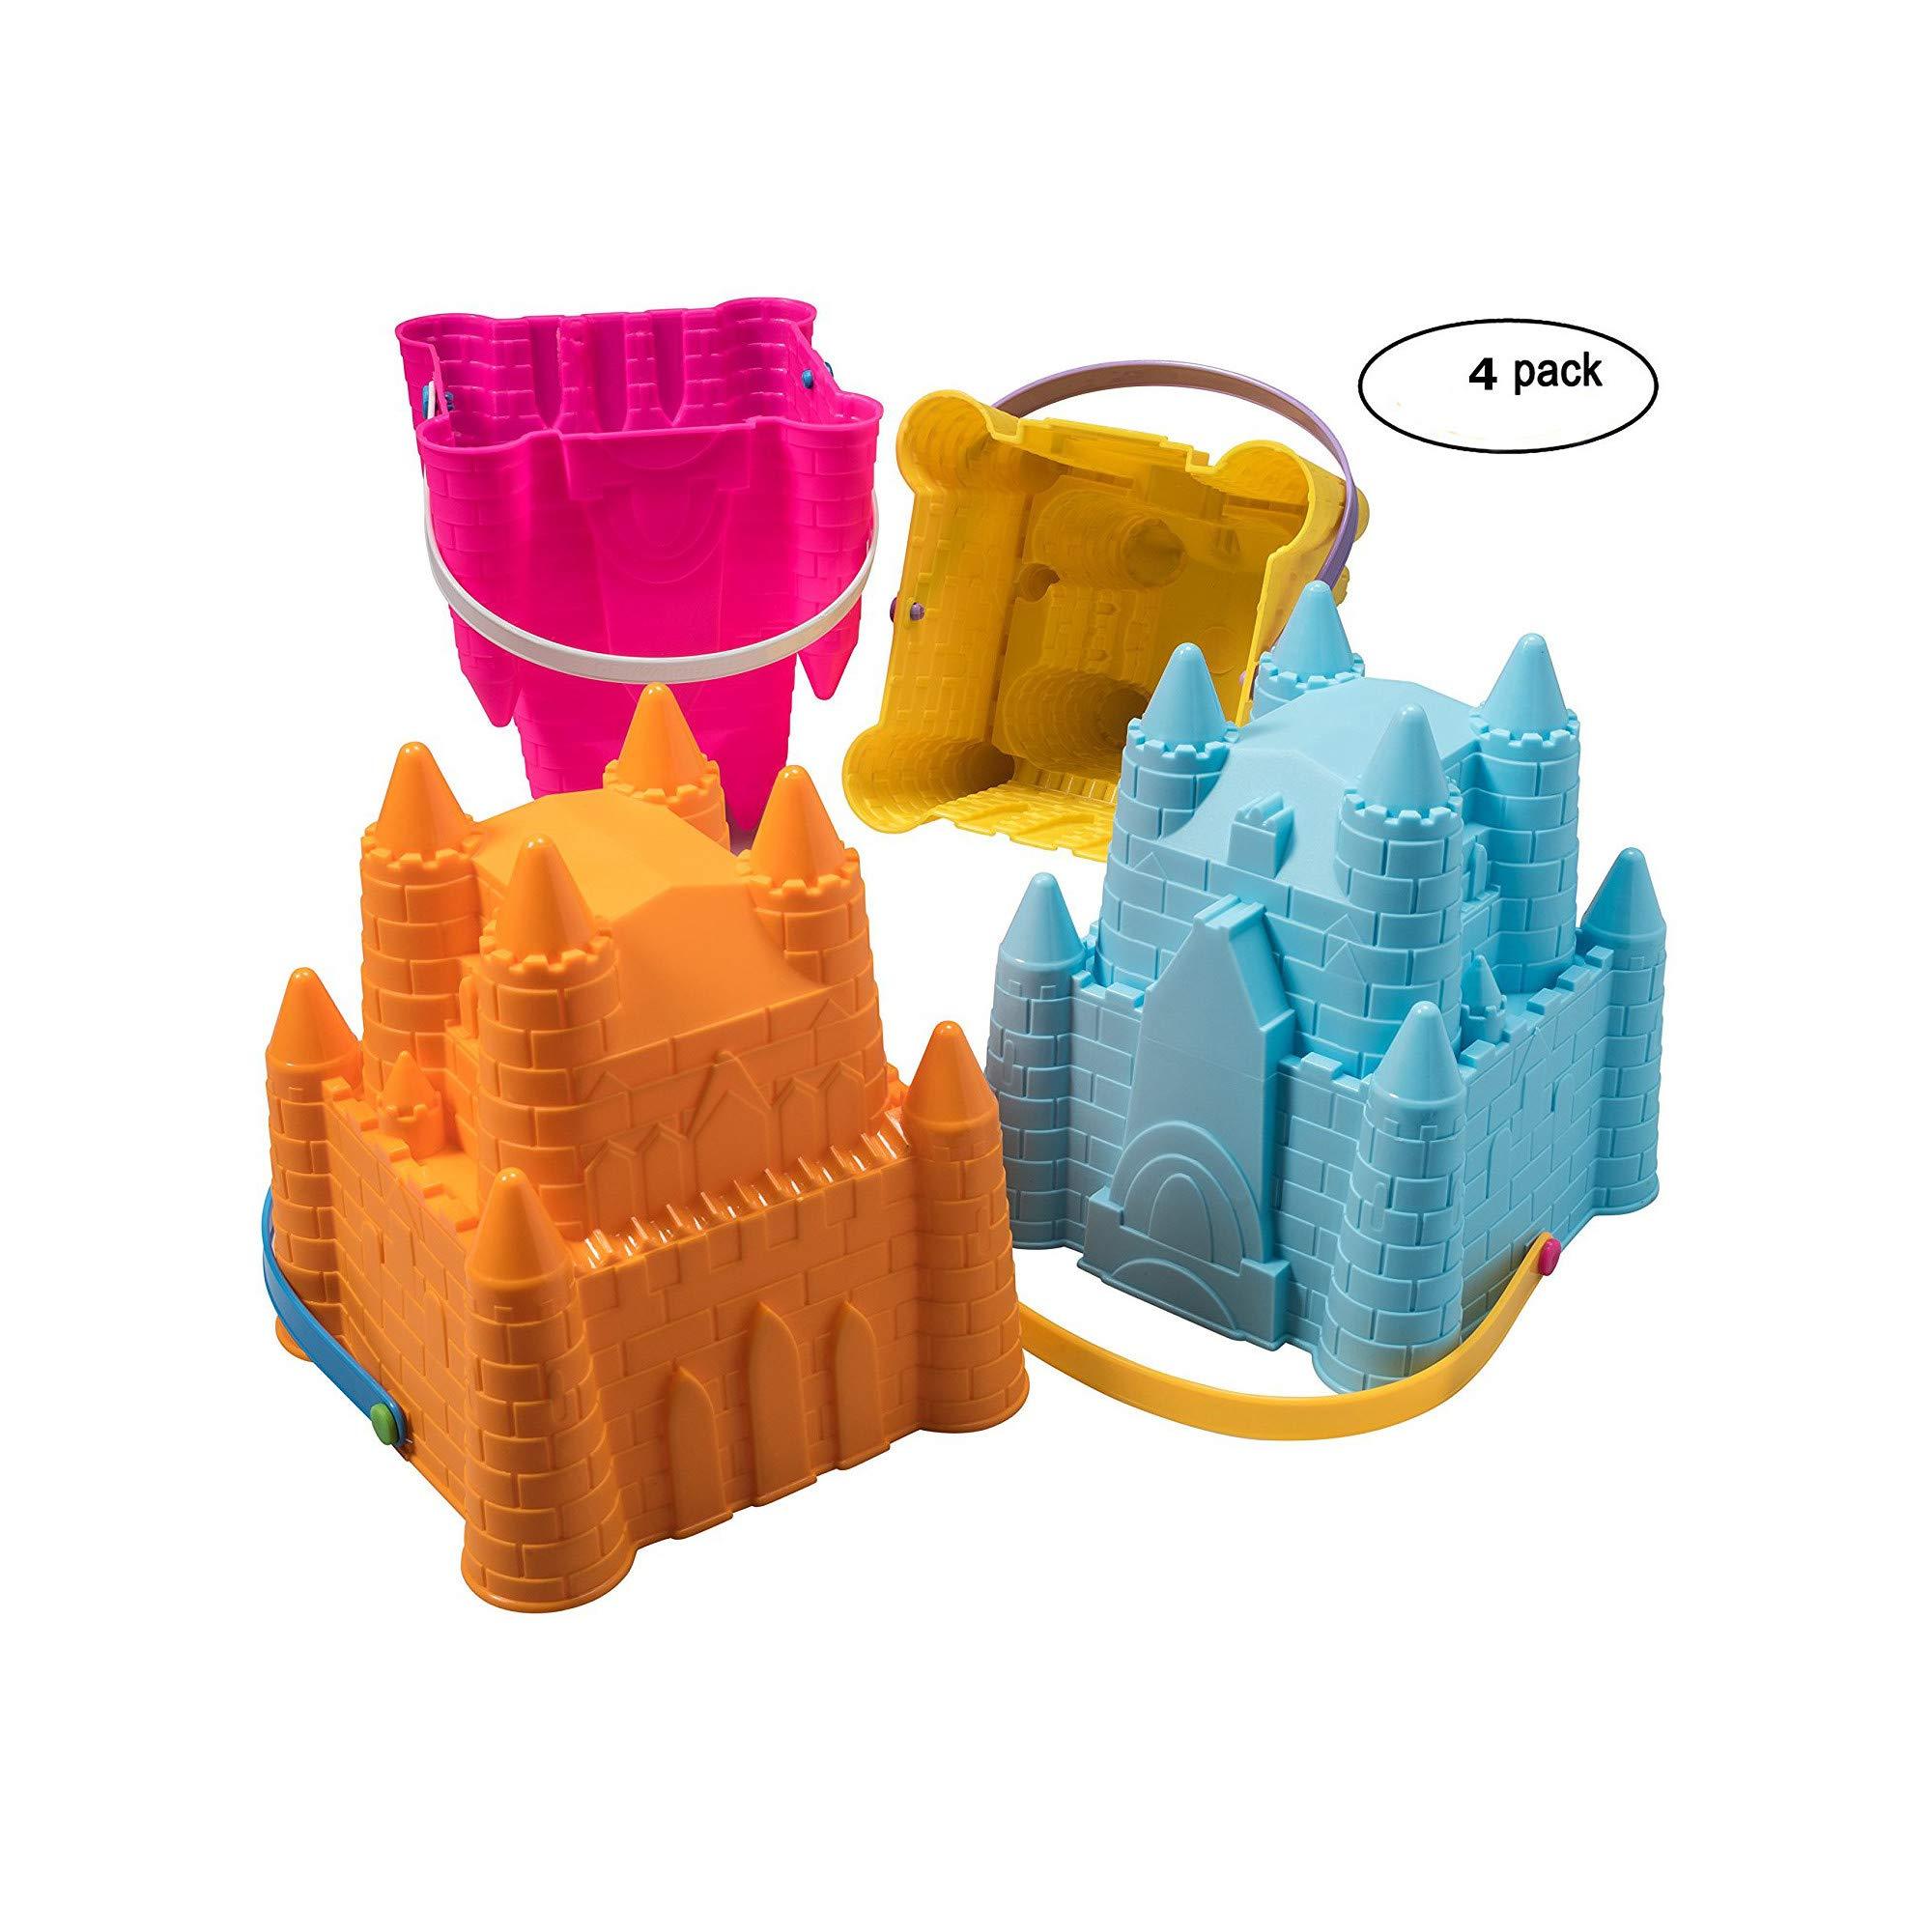 Top Race Sand Castle Pail Buckets, Beach Pails, Sand Mold Pails, 8'' inch Pack of 4